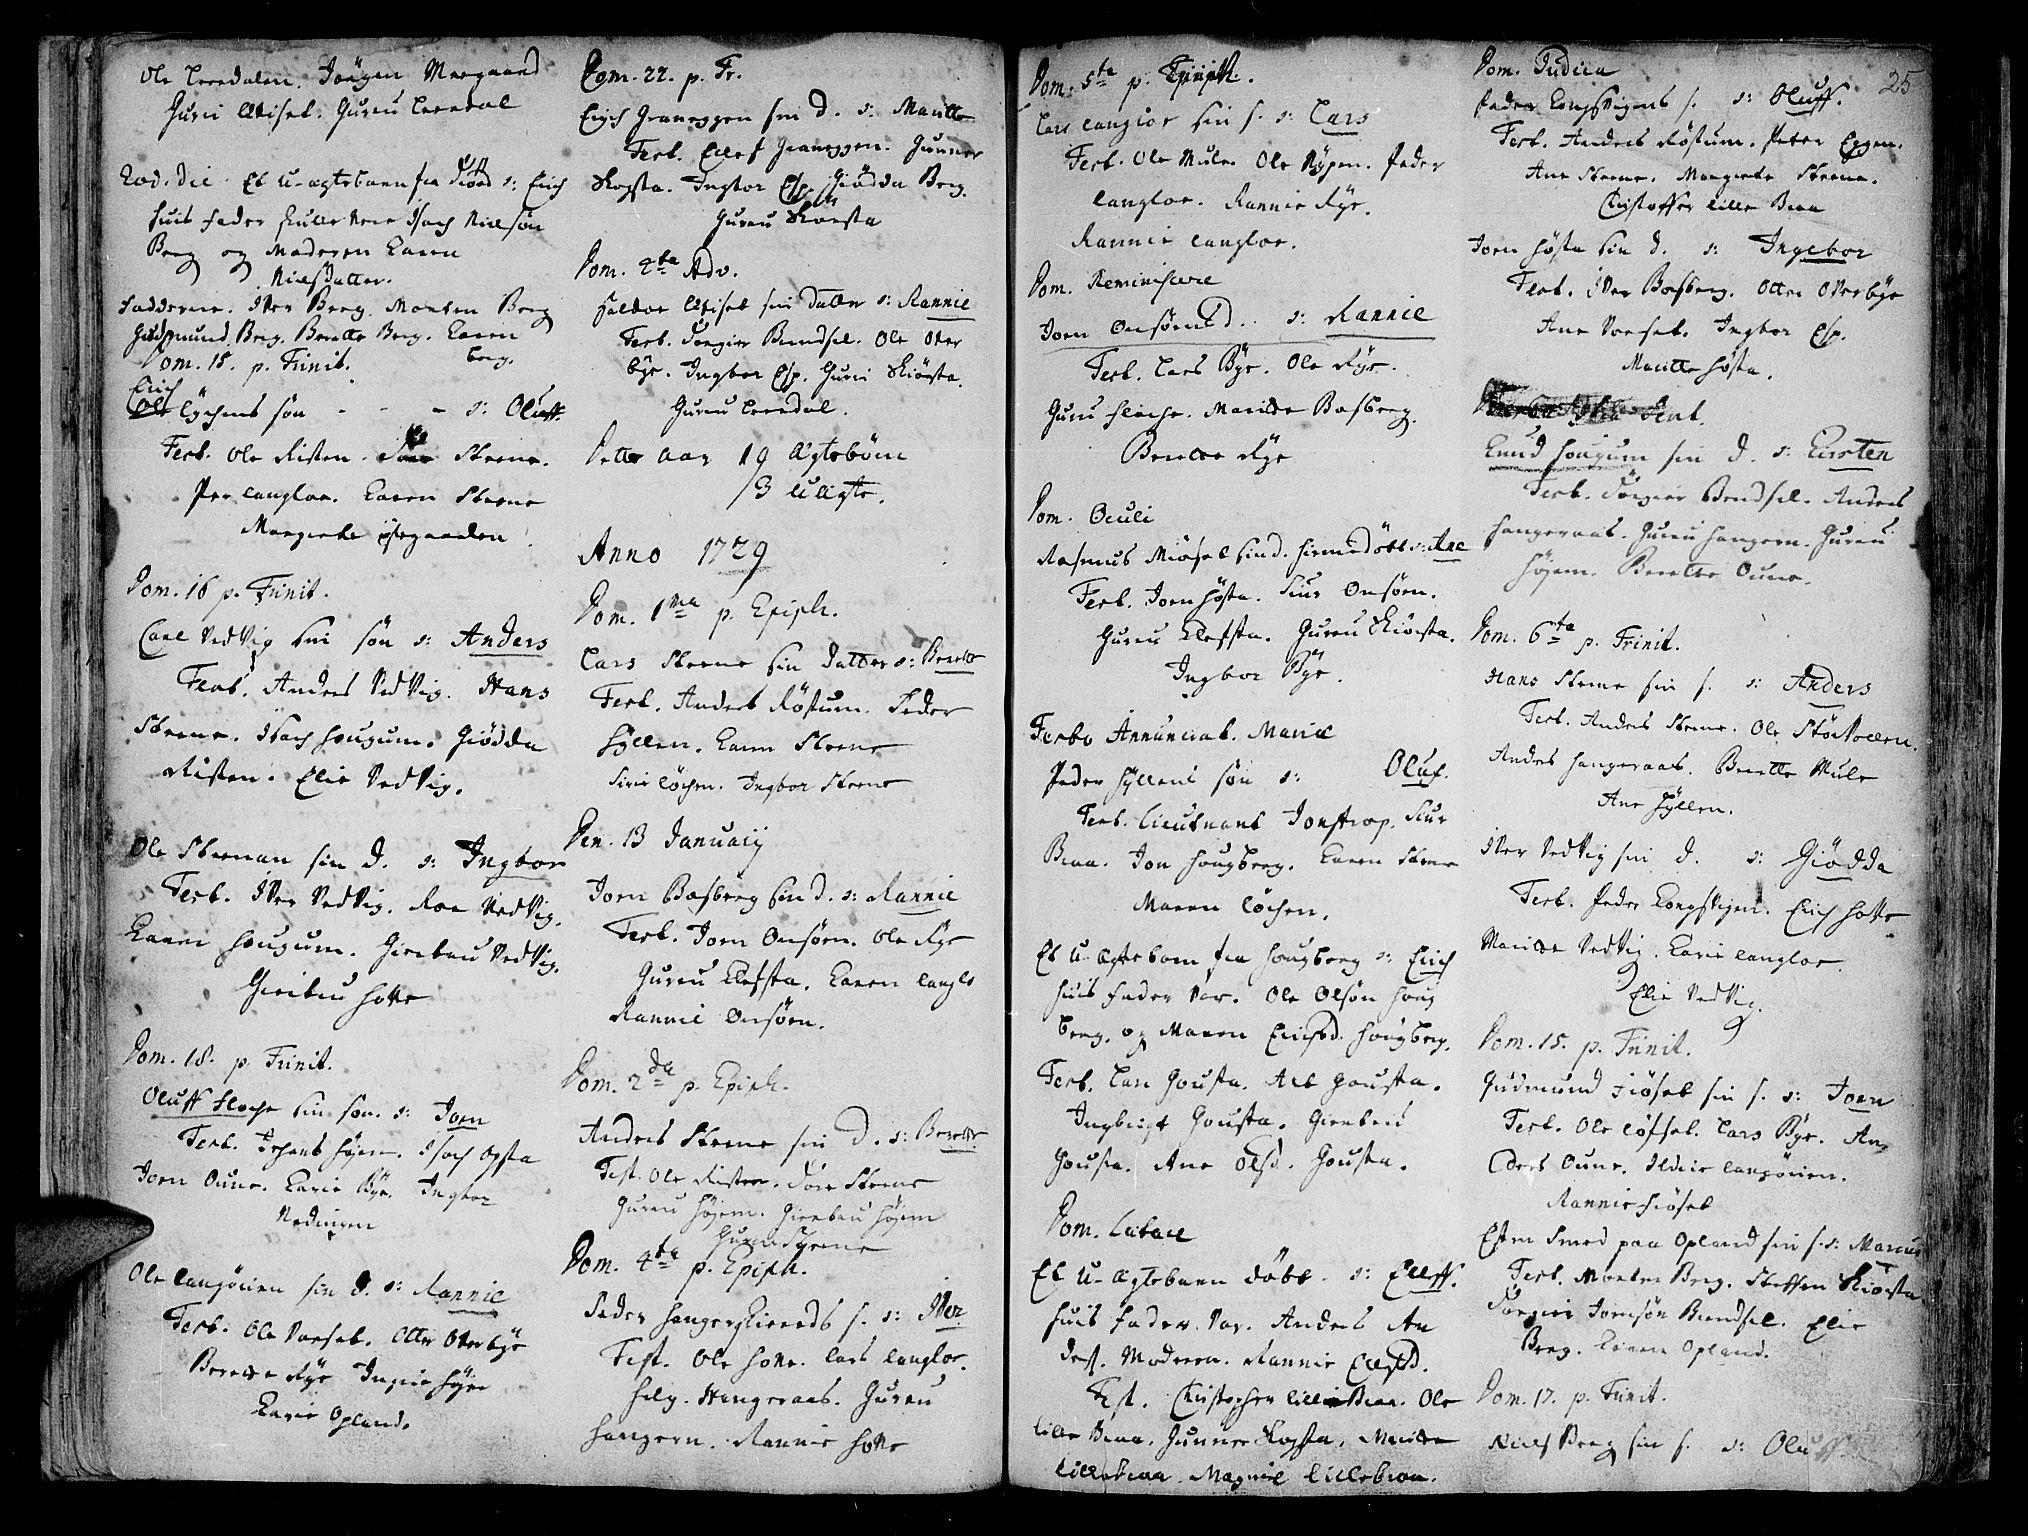 SAT, Ministerialprotokoller, klokkerbøker og fødselsregistre - Sør-Trøndelag, 612/L0368: Ministerialbok nr. 612A02, 1702-1753, s. 25